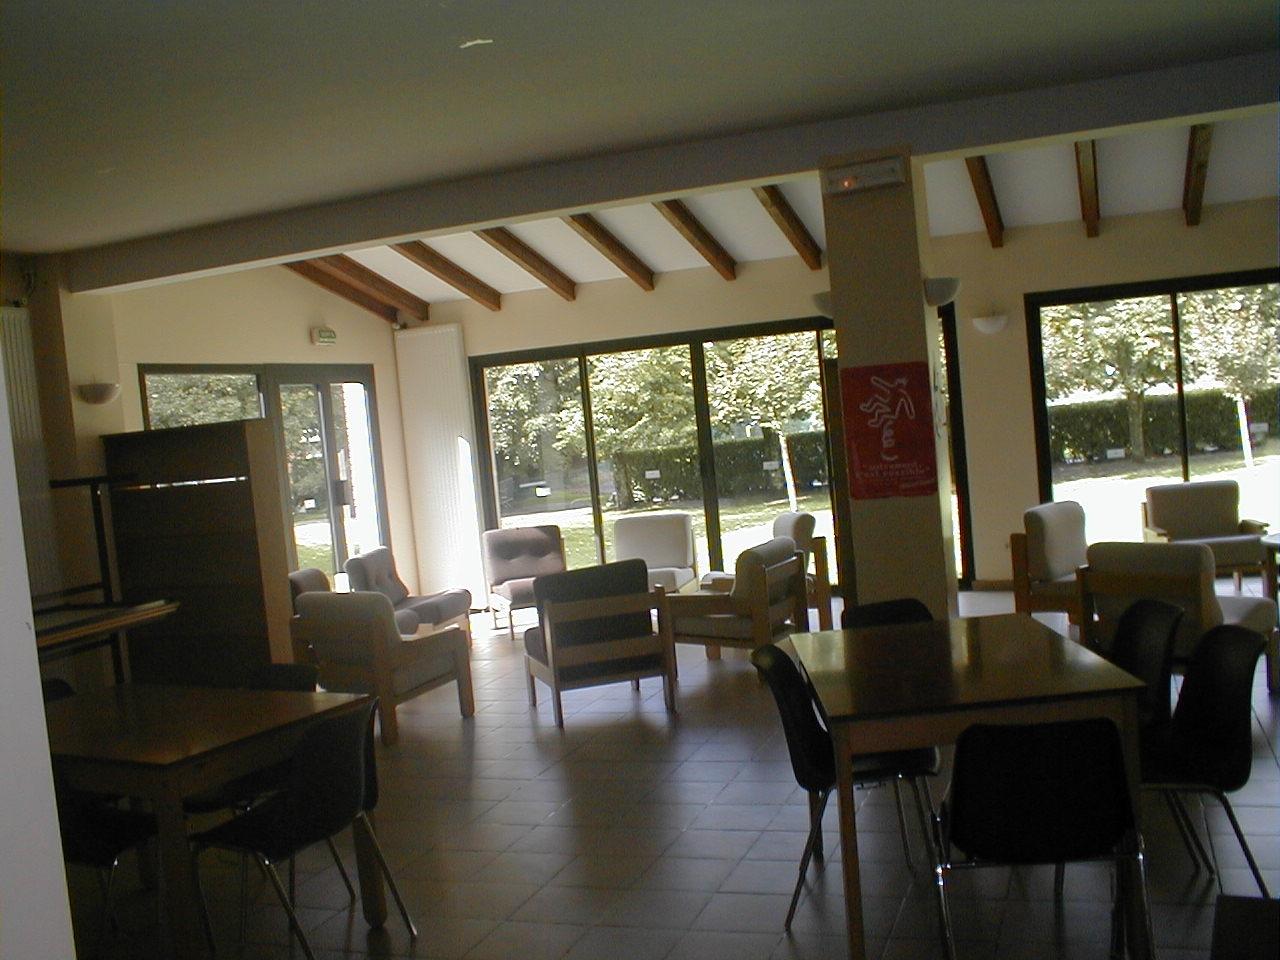 Grande salle d'activités (classes, séjours, stages)